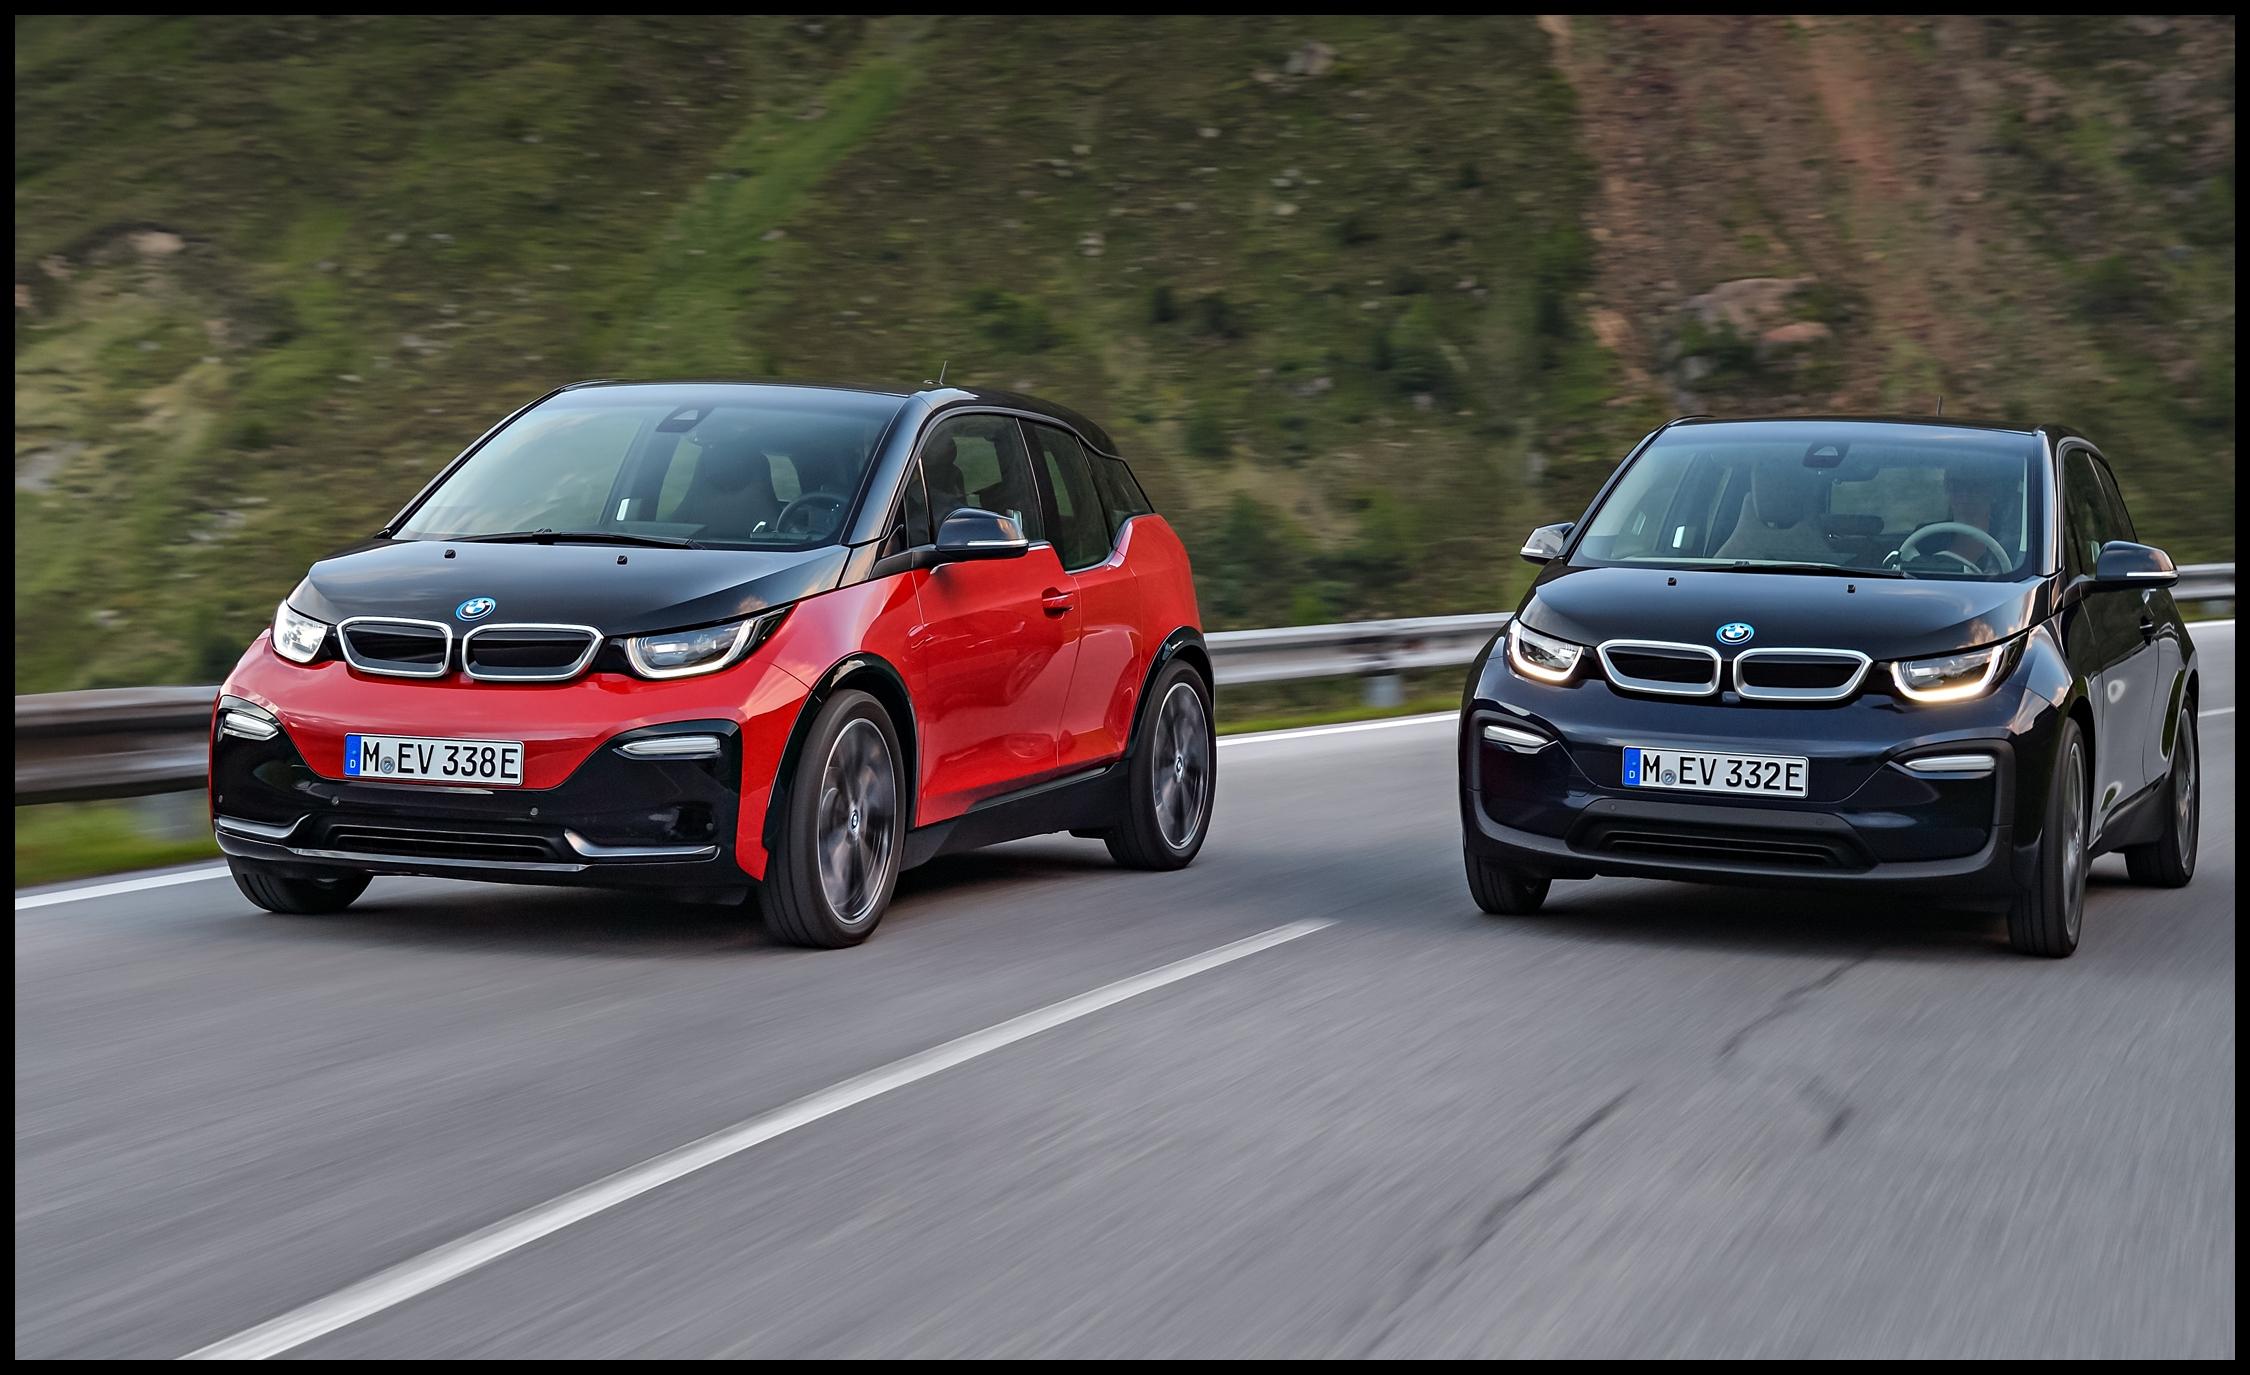 2018 bmw i3 and i3s photos and info news car and driver photo s original